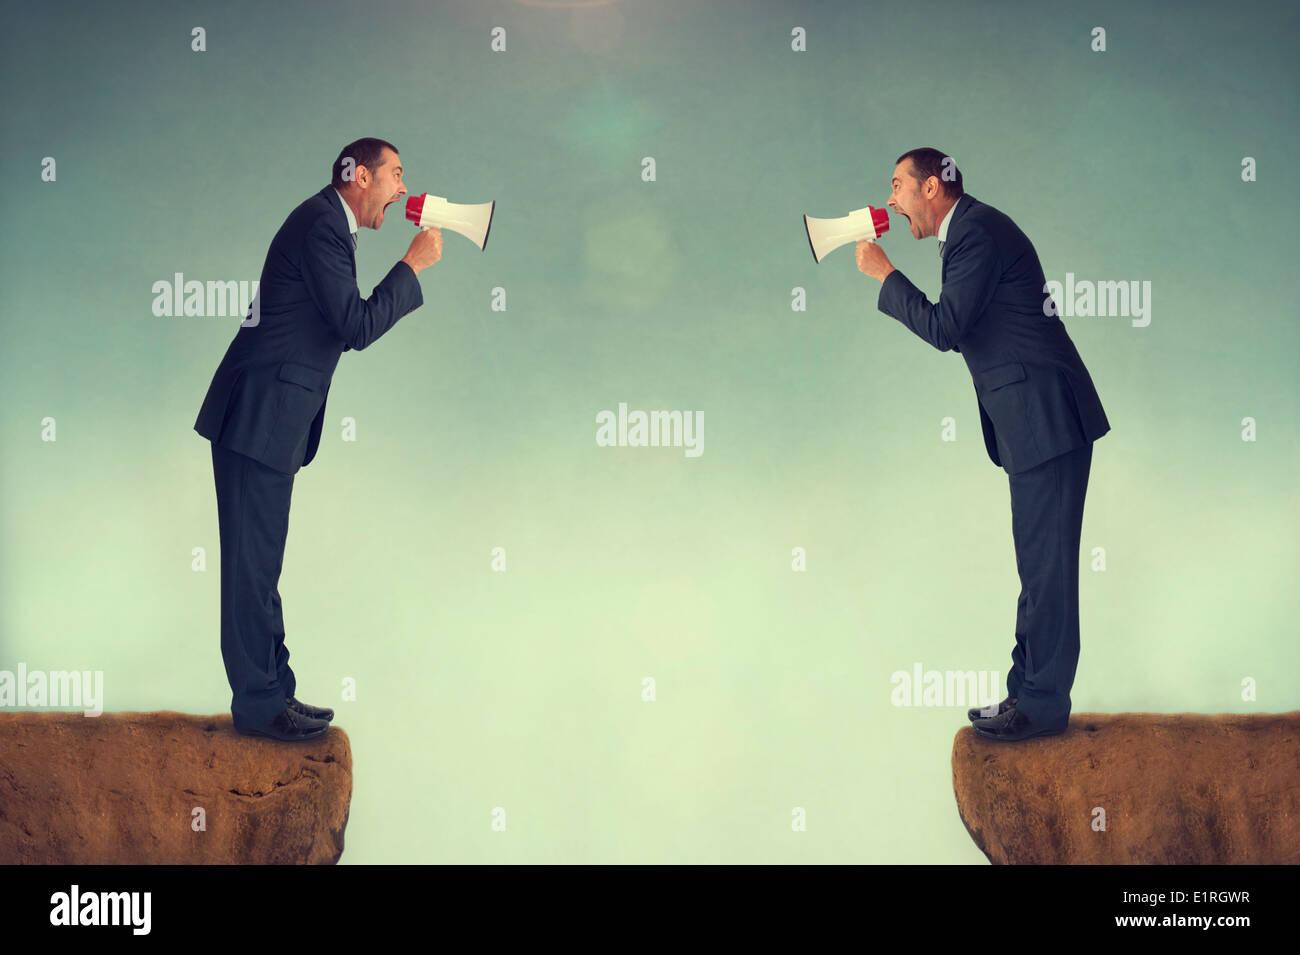 Geschäftsleute Konfrontation schreien sich gegenseitig durch Loudhailers oder Megaphone Geschäftskonzept Konflikt Stockbild